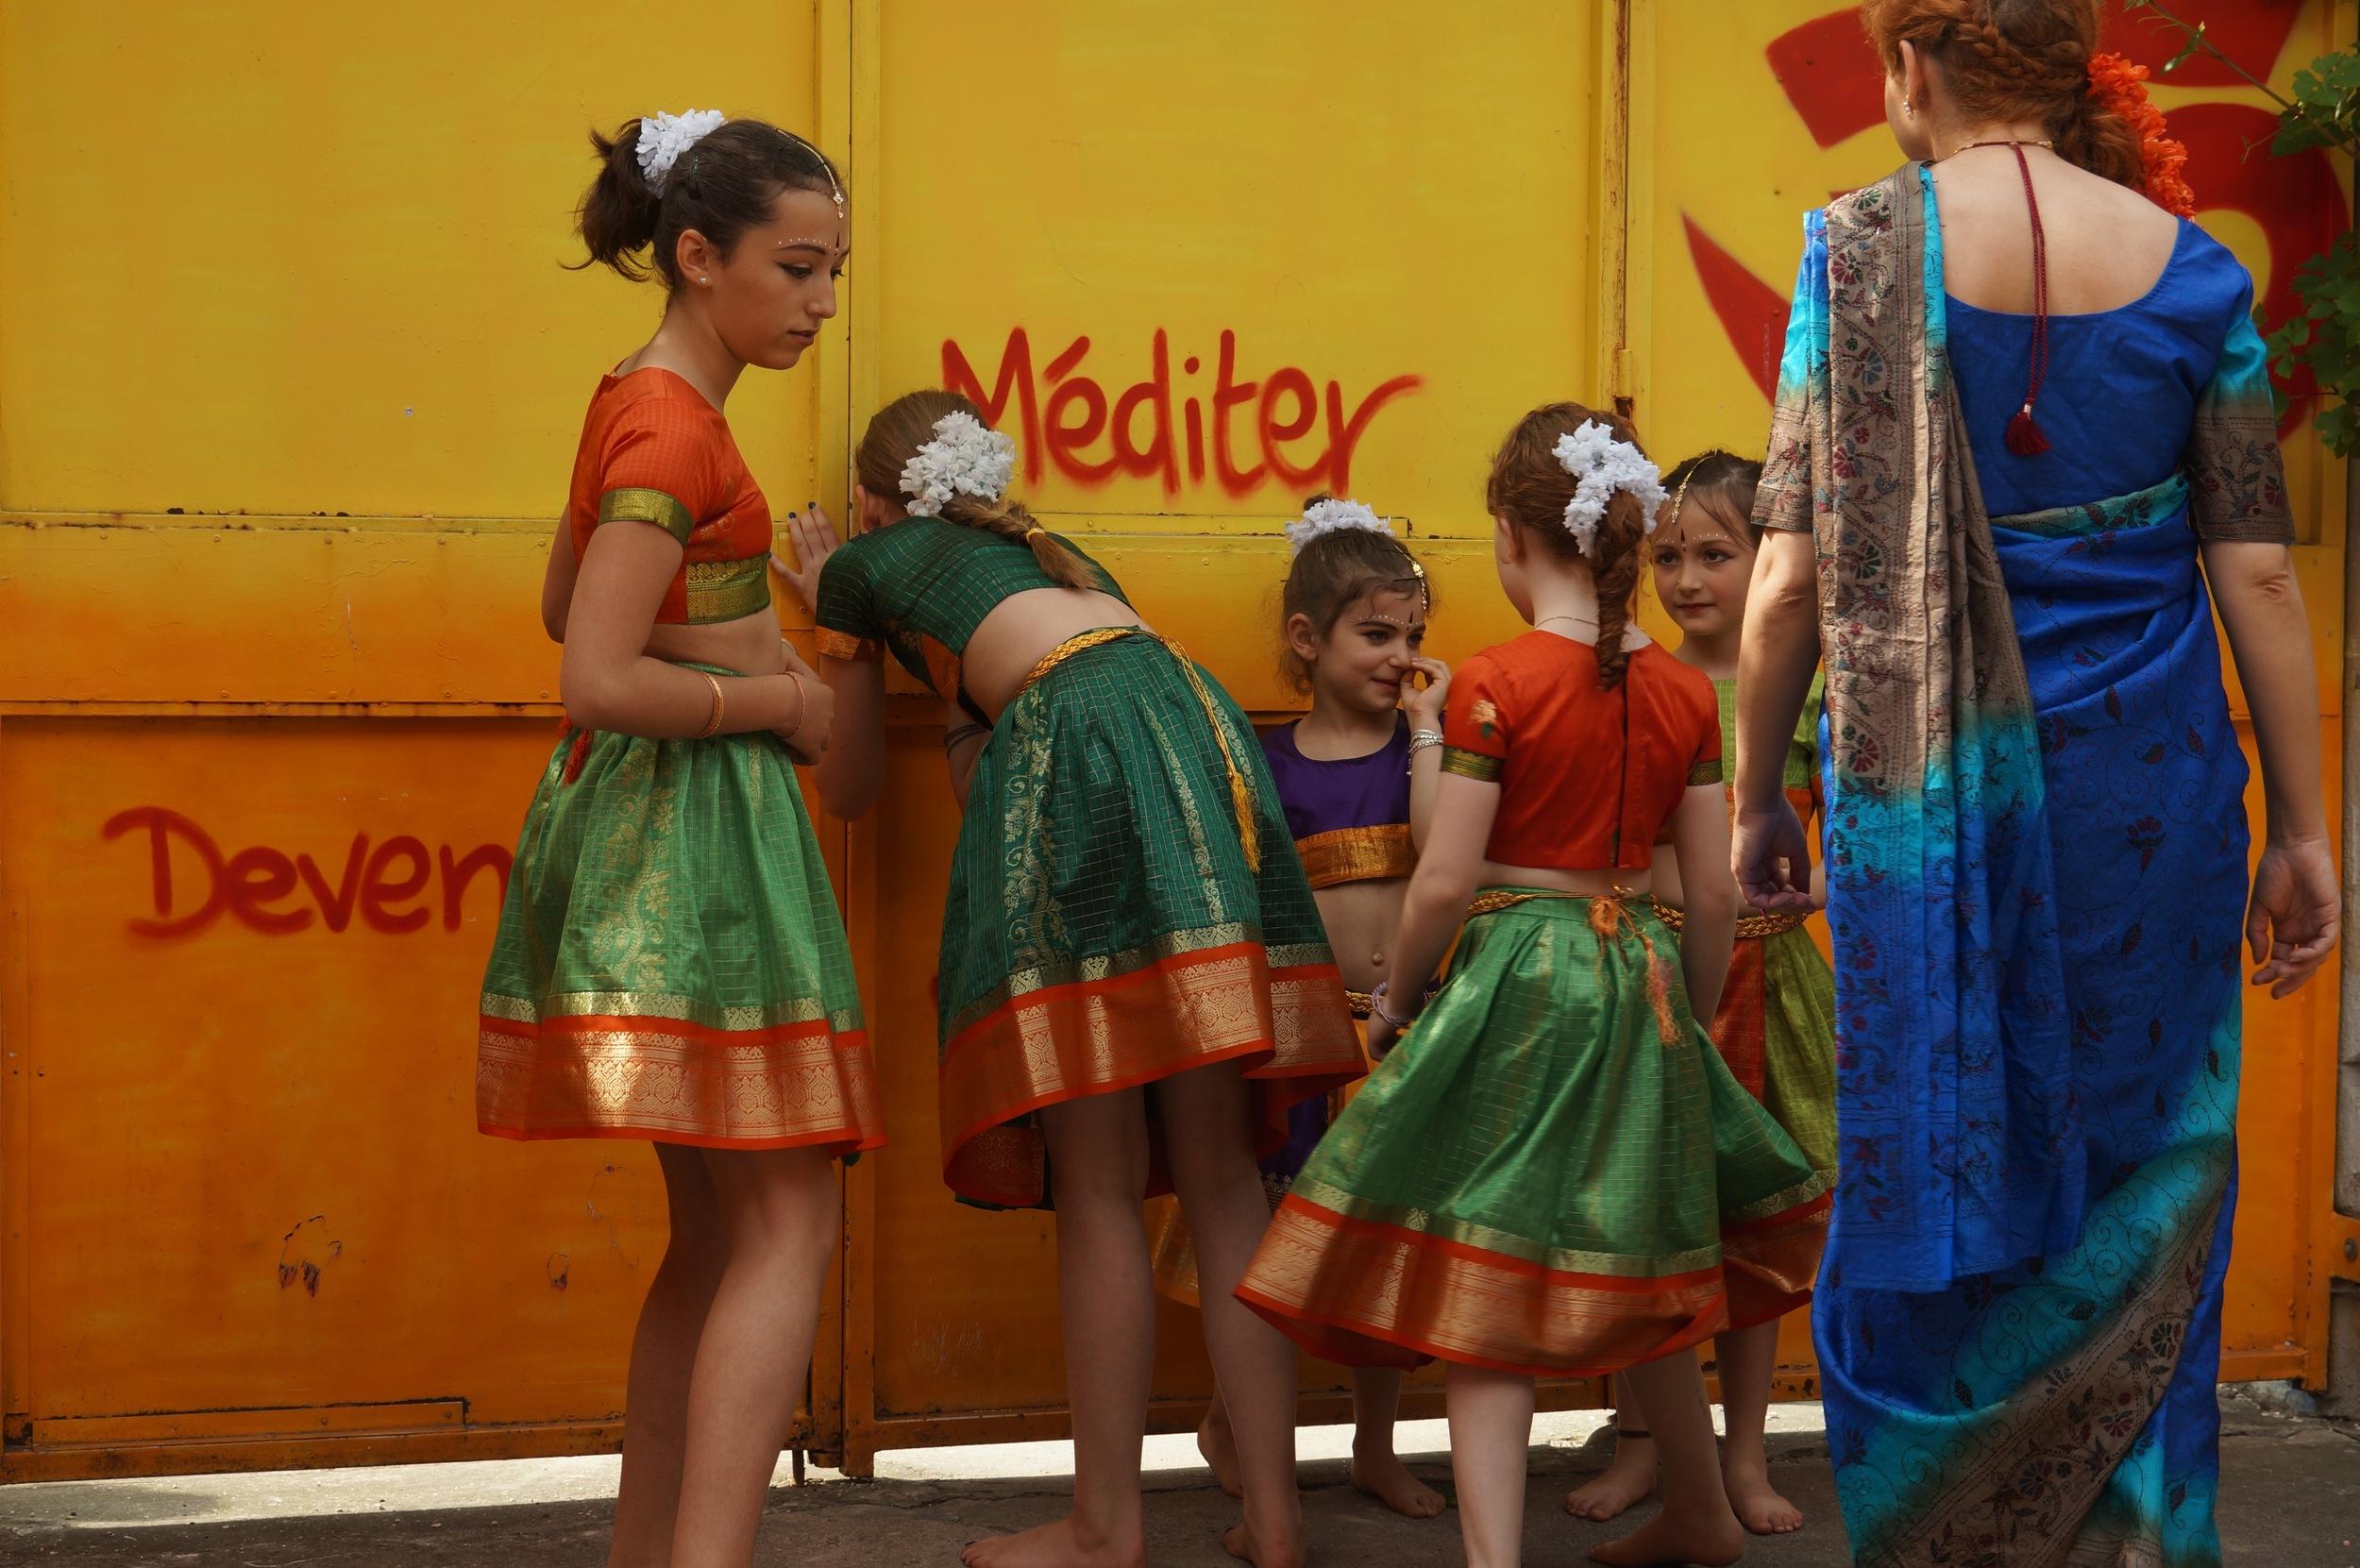 danse-indienne-fontenay-sous-bois-7.jpg